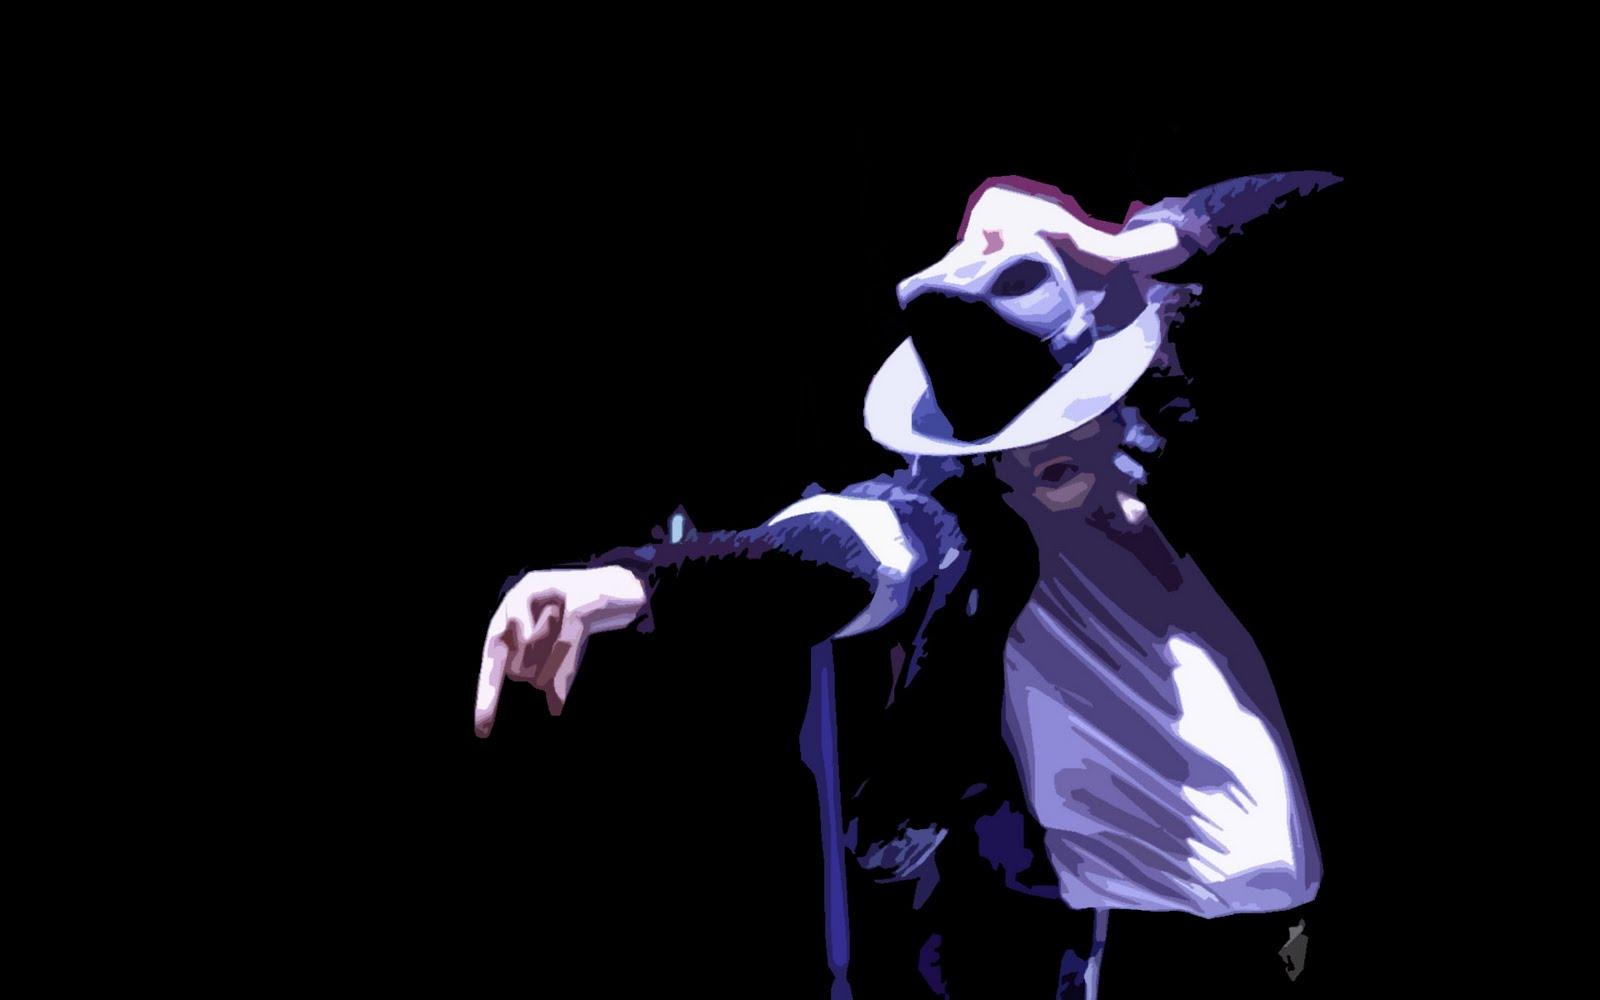 Carrie Bernard: Michael Jackson Hd